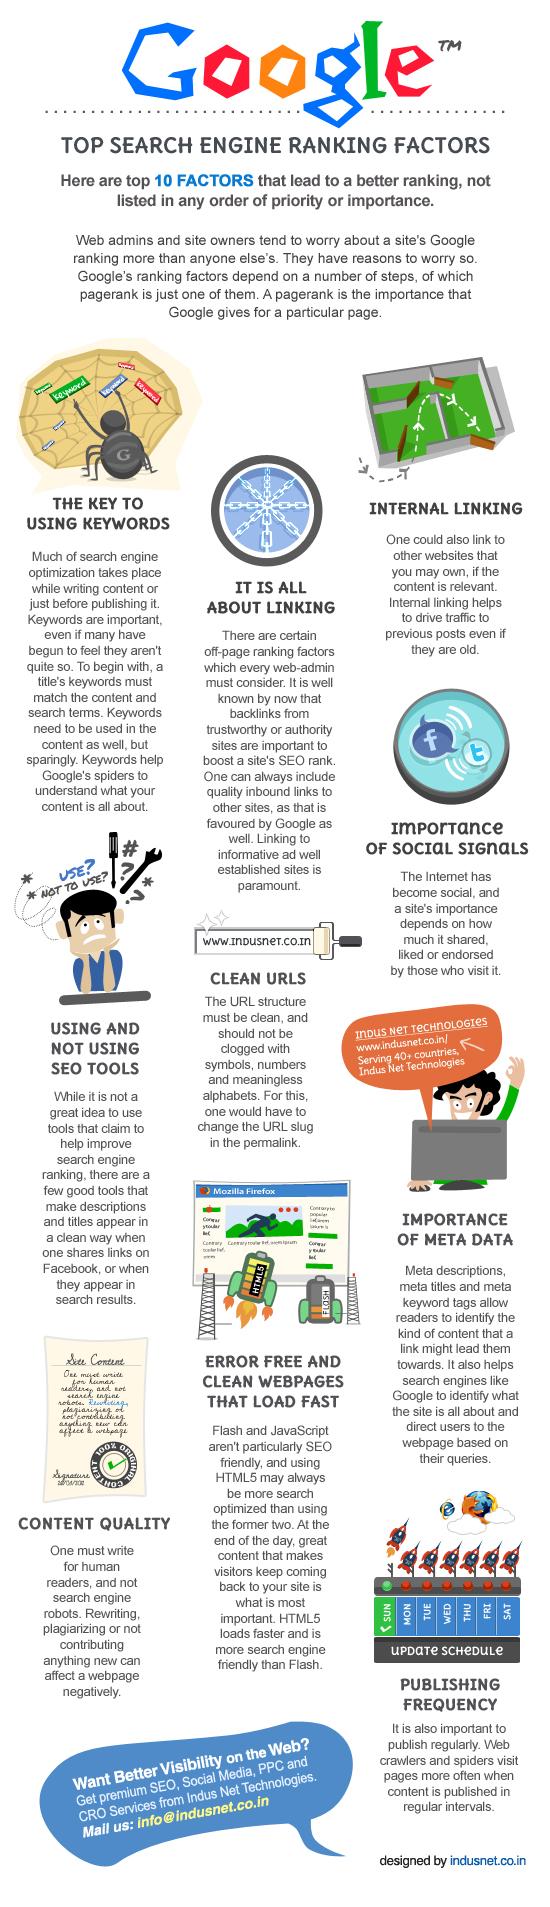 Los 10 factores más importantes para el posicionamiento en Google